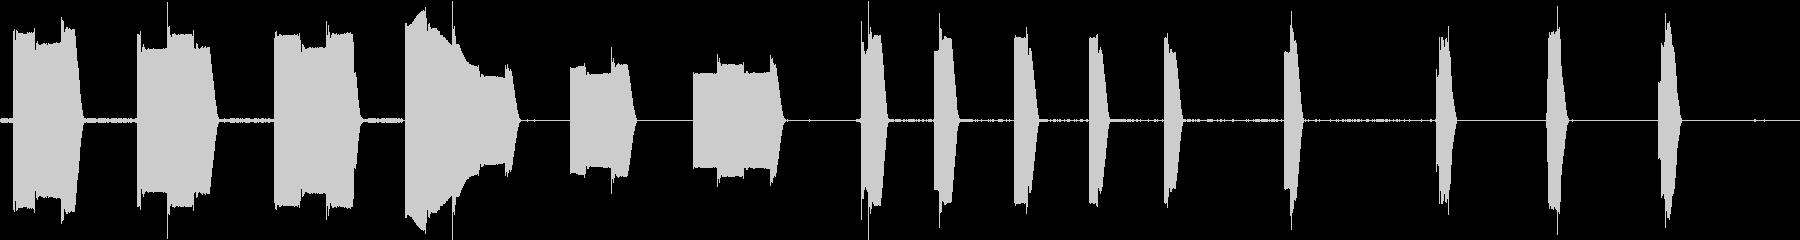 トーンシンセのウォブルプロセスヒットの未再生の波形